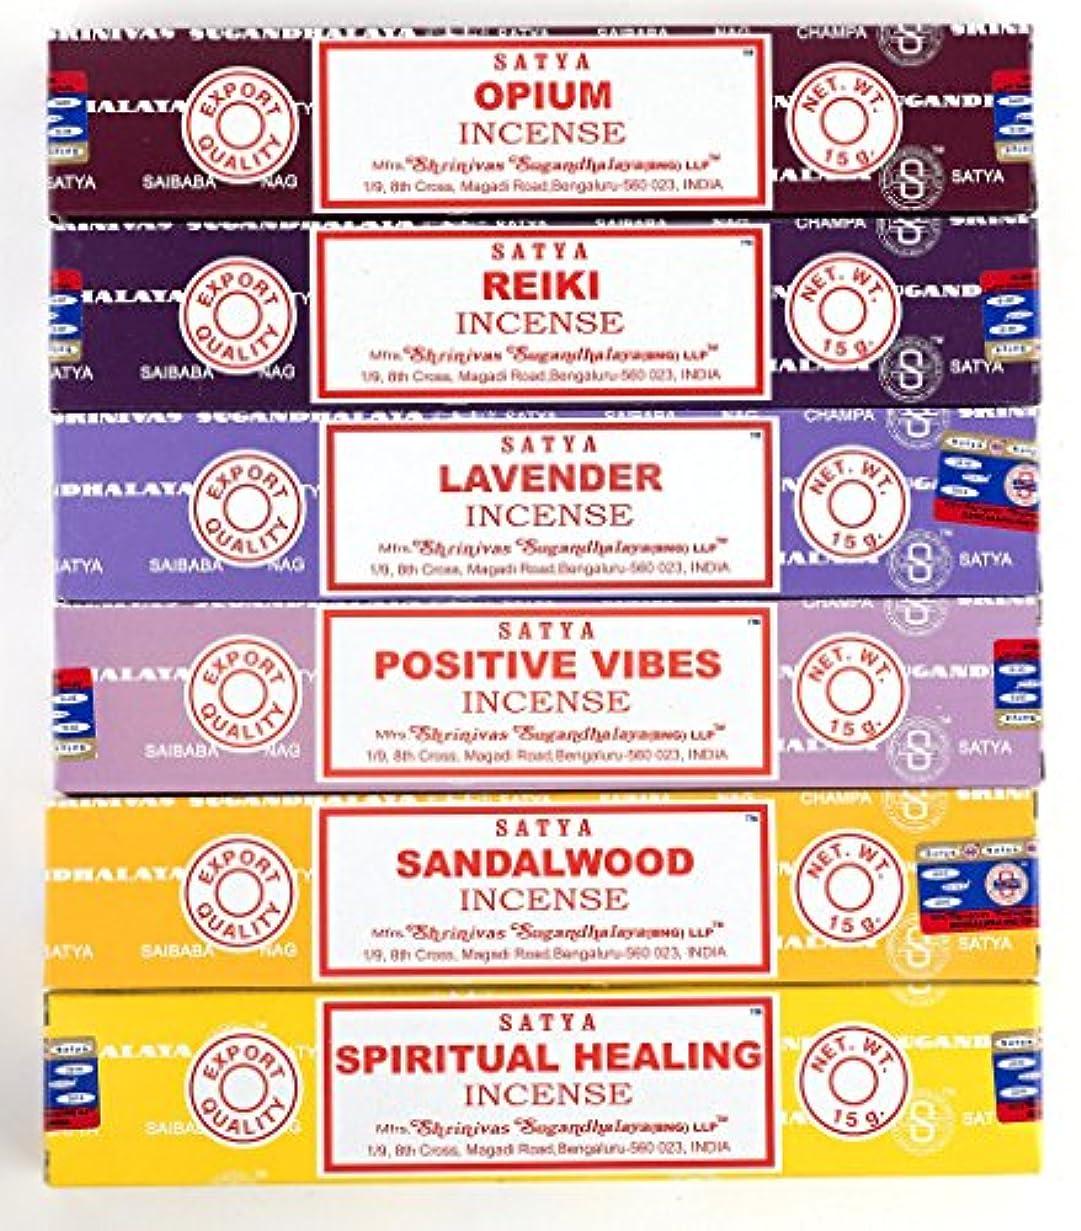 歌不定普及Nag Champa 6 Piece Variety Pack – Opium、レイキ、ラベンダー、Positive Vibes、サンダルウッド、Spiritual Healing